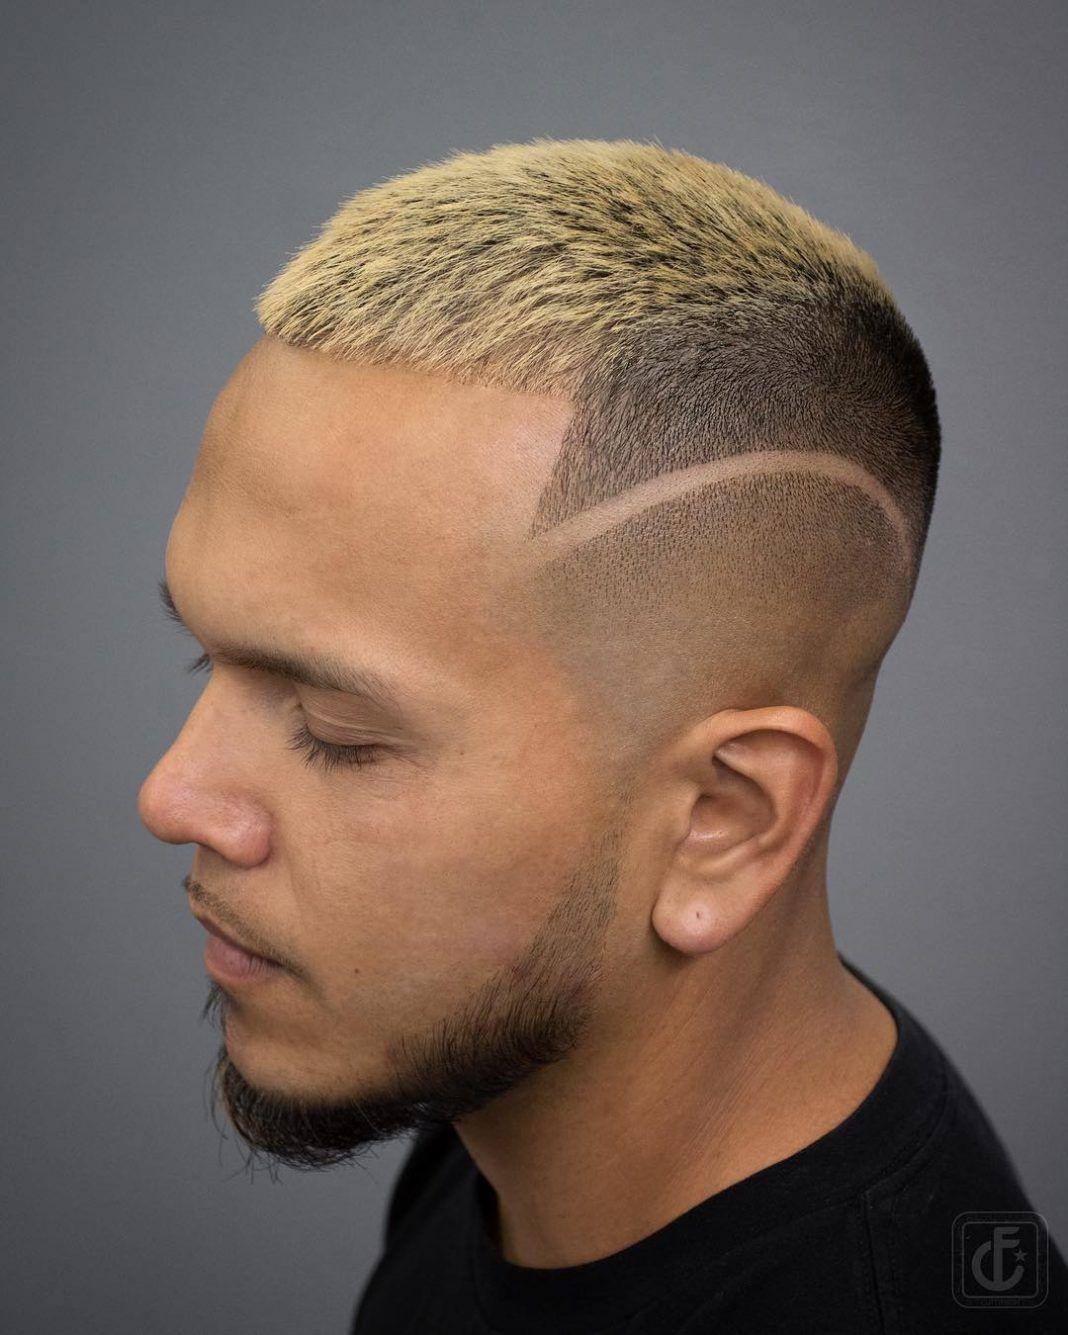 35 Teintures De Cheveux Pour Homme Coupe De Cheveux Homme Coiffure Homme Teinture Cheveux Cheveux Homme